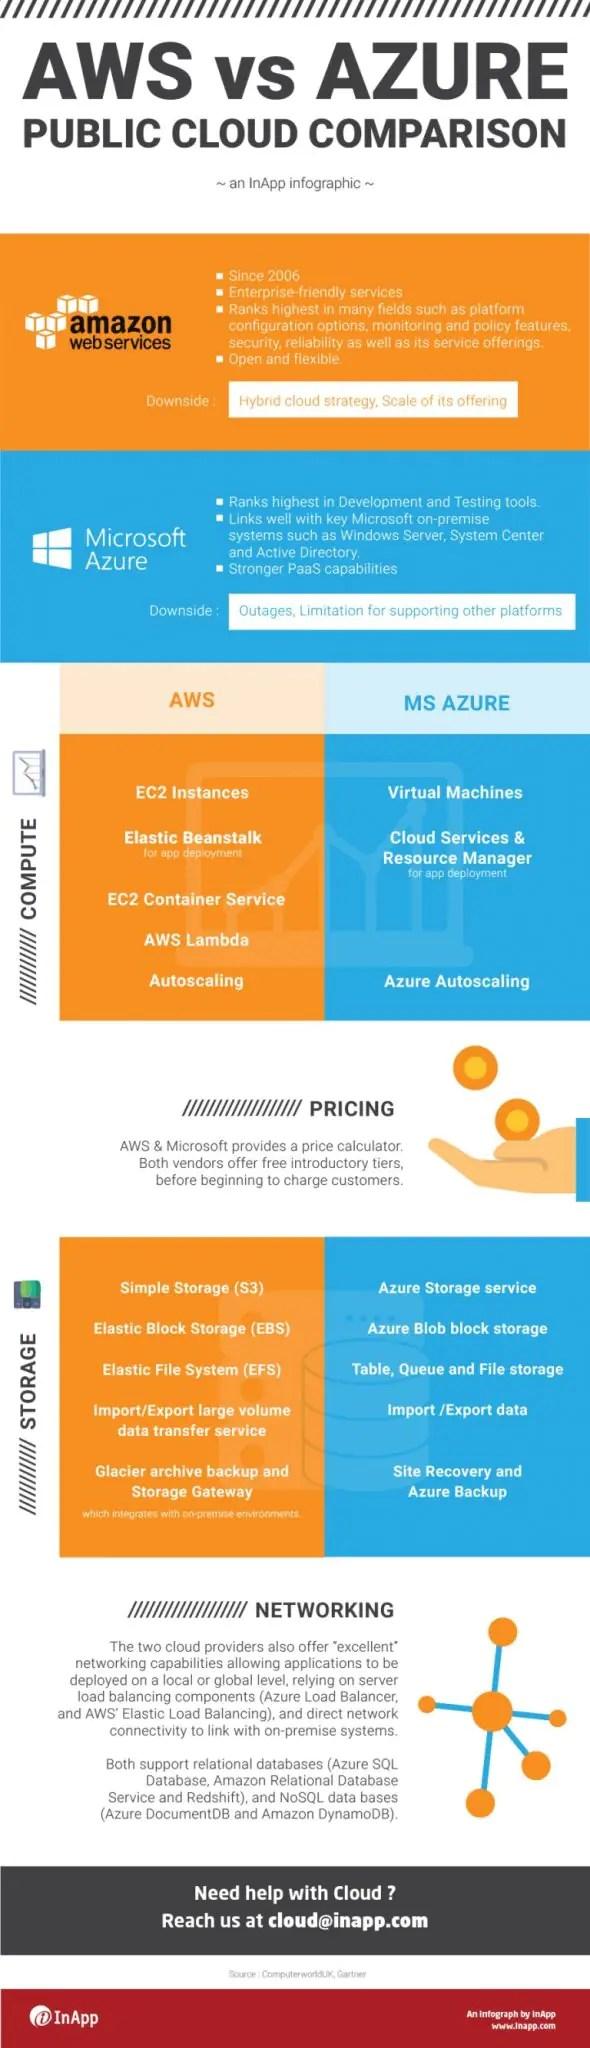 AWS Vs Azure info